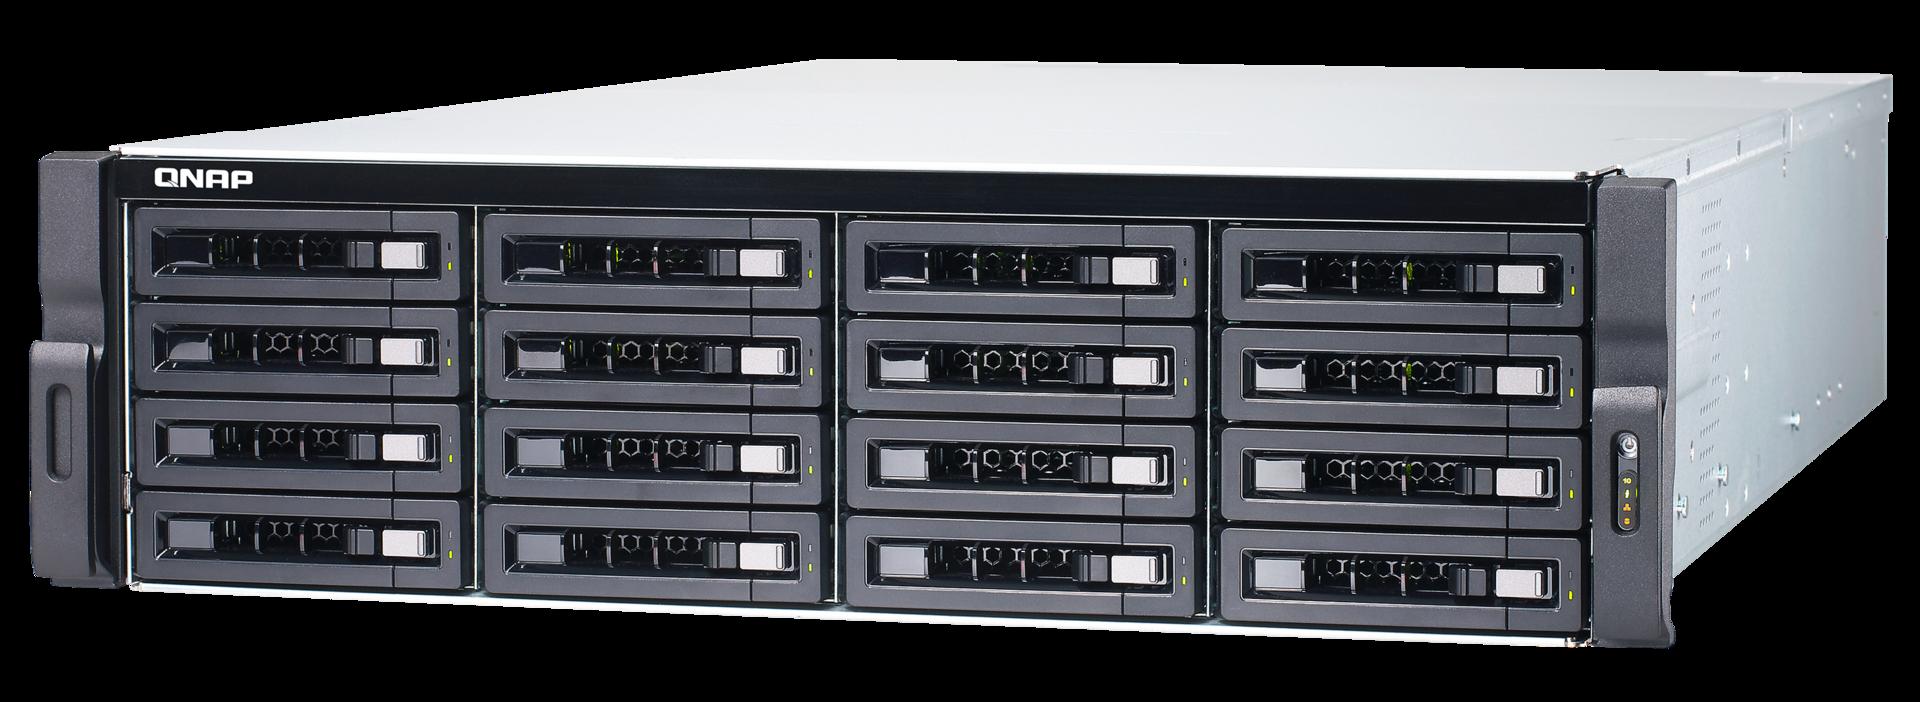 Обзор NAS для малого и среднего бизнеса QNAP TDS-16489U - 1